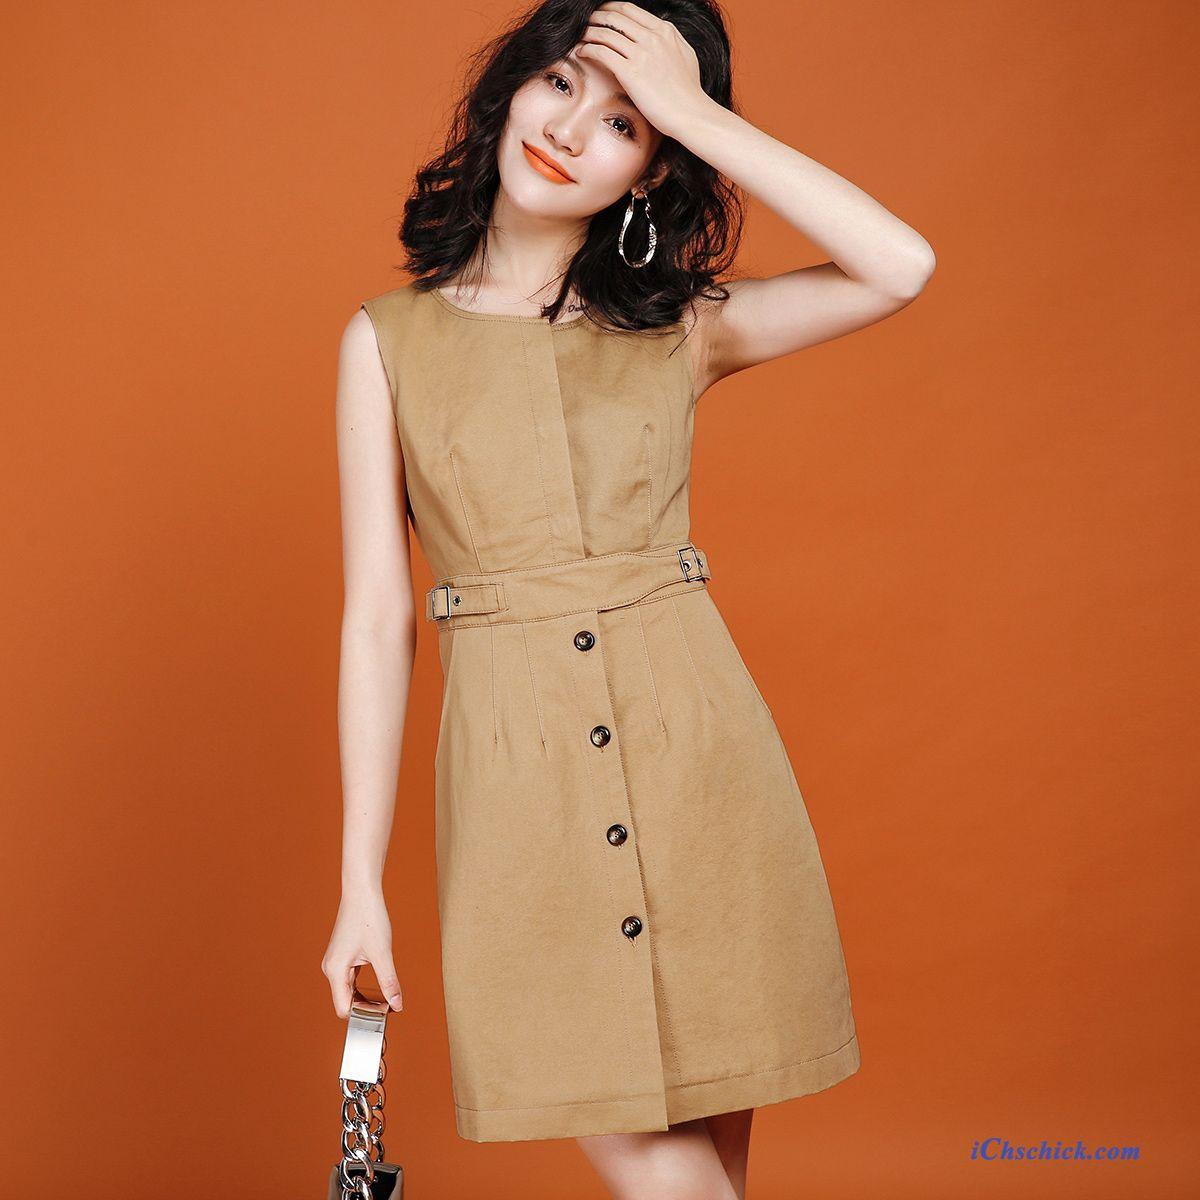 6bf5a804bcb1 Frauen Kleidung Online, Lange Sommerkleider Sale